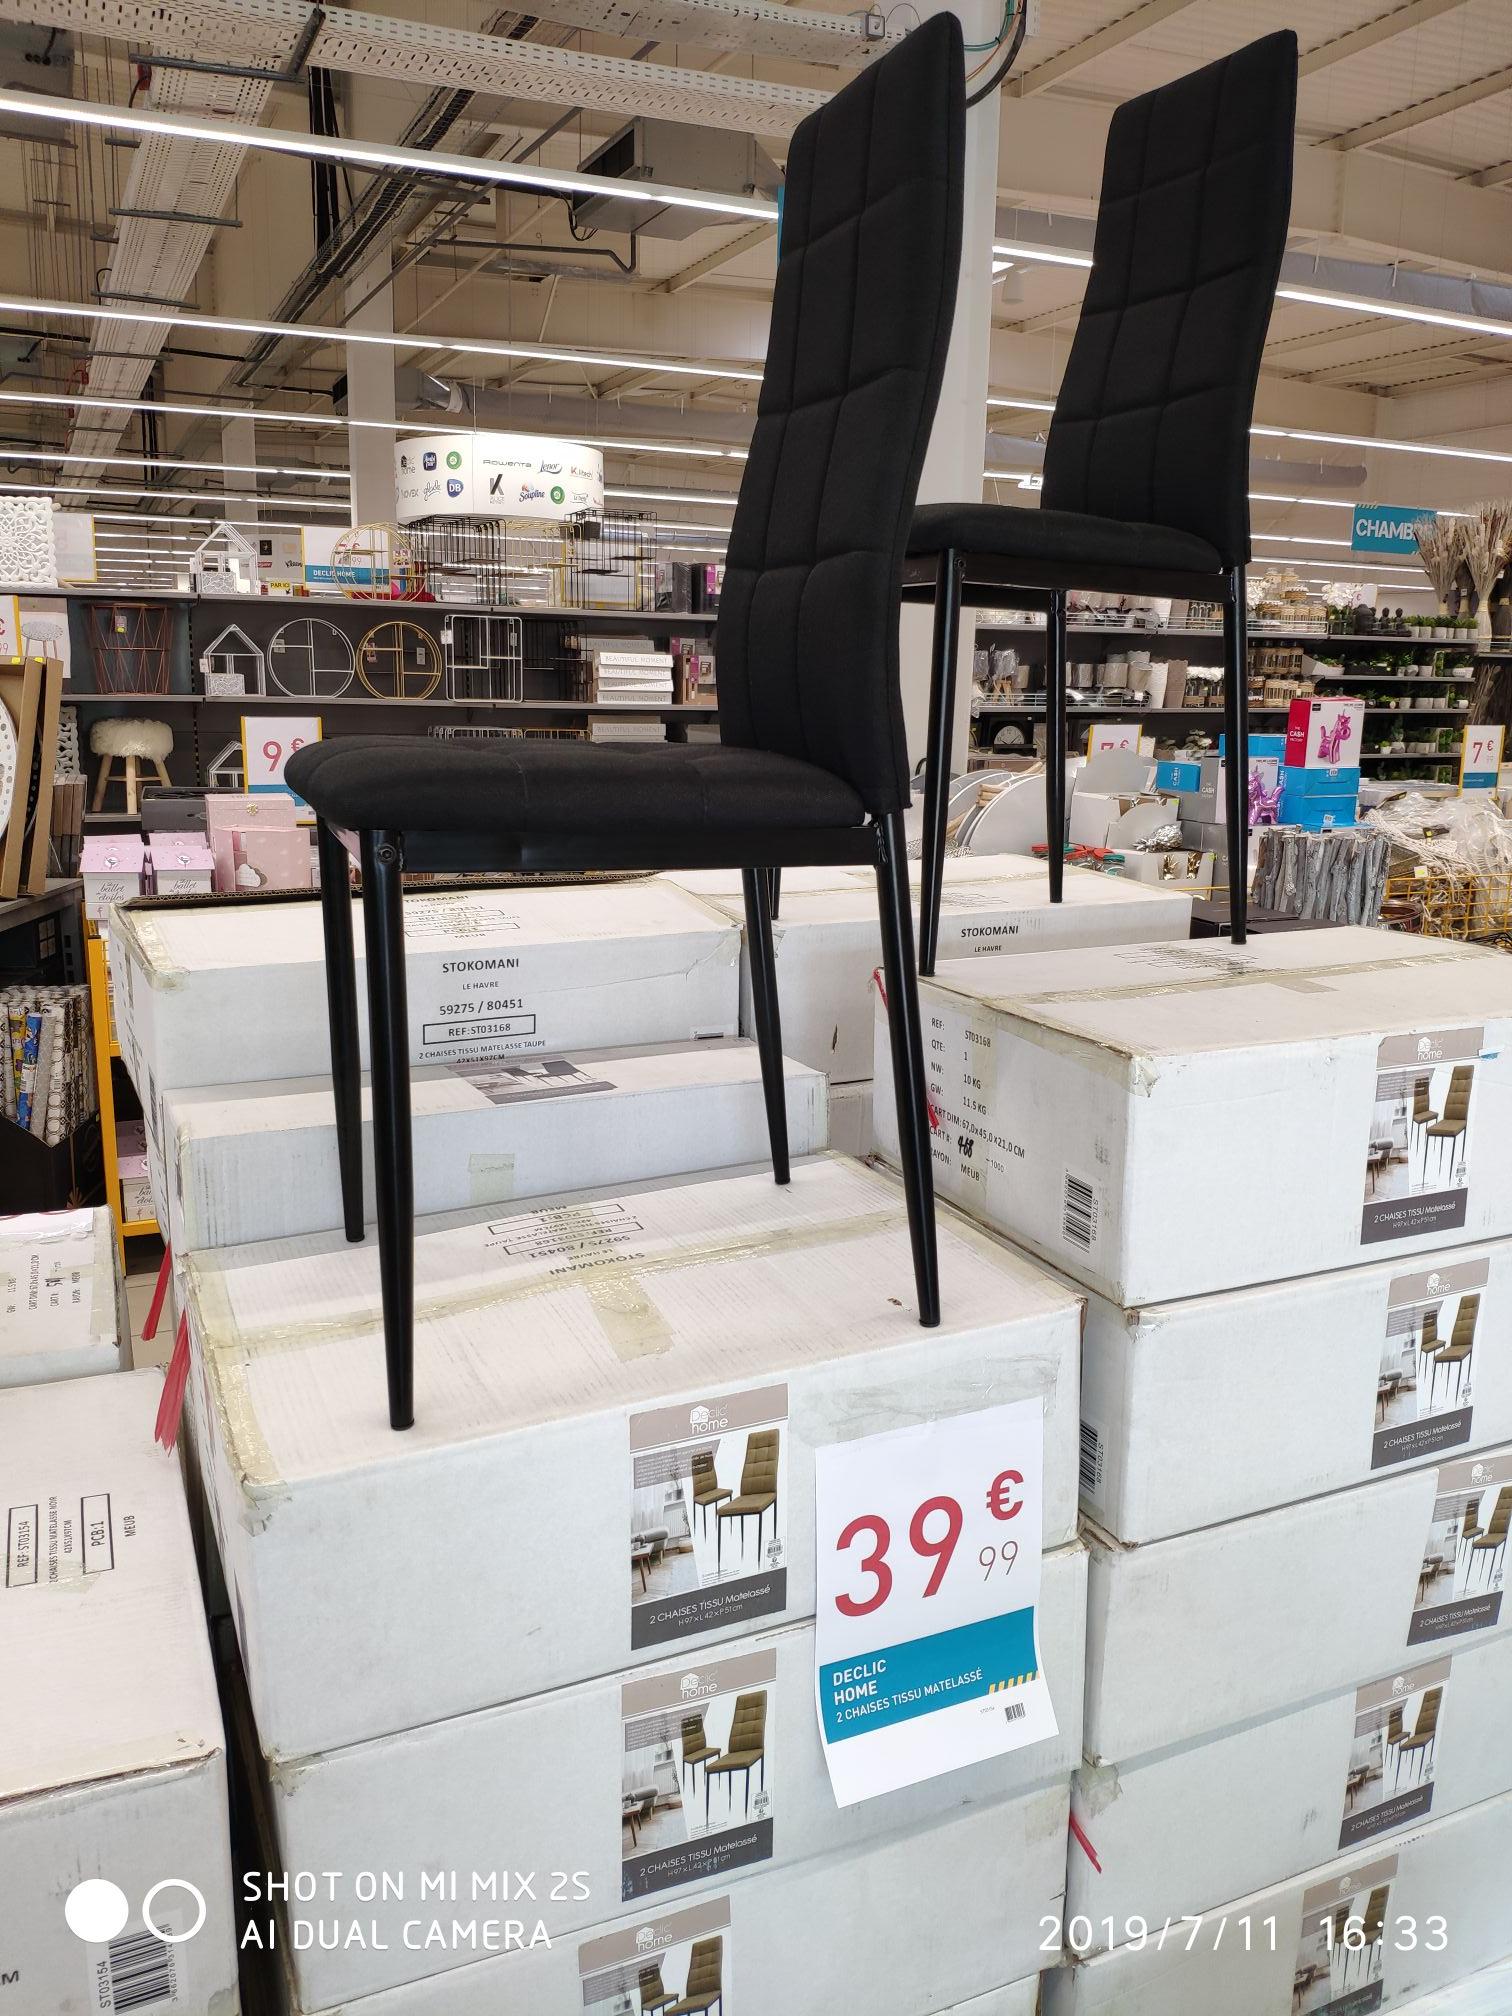 Lot de 2 chaises Declic Home (en tissu matelassé, différents coloris) - Hénin-Beaumont (62)